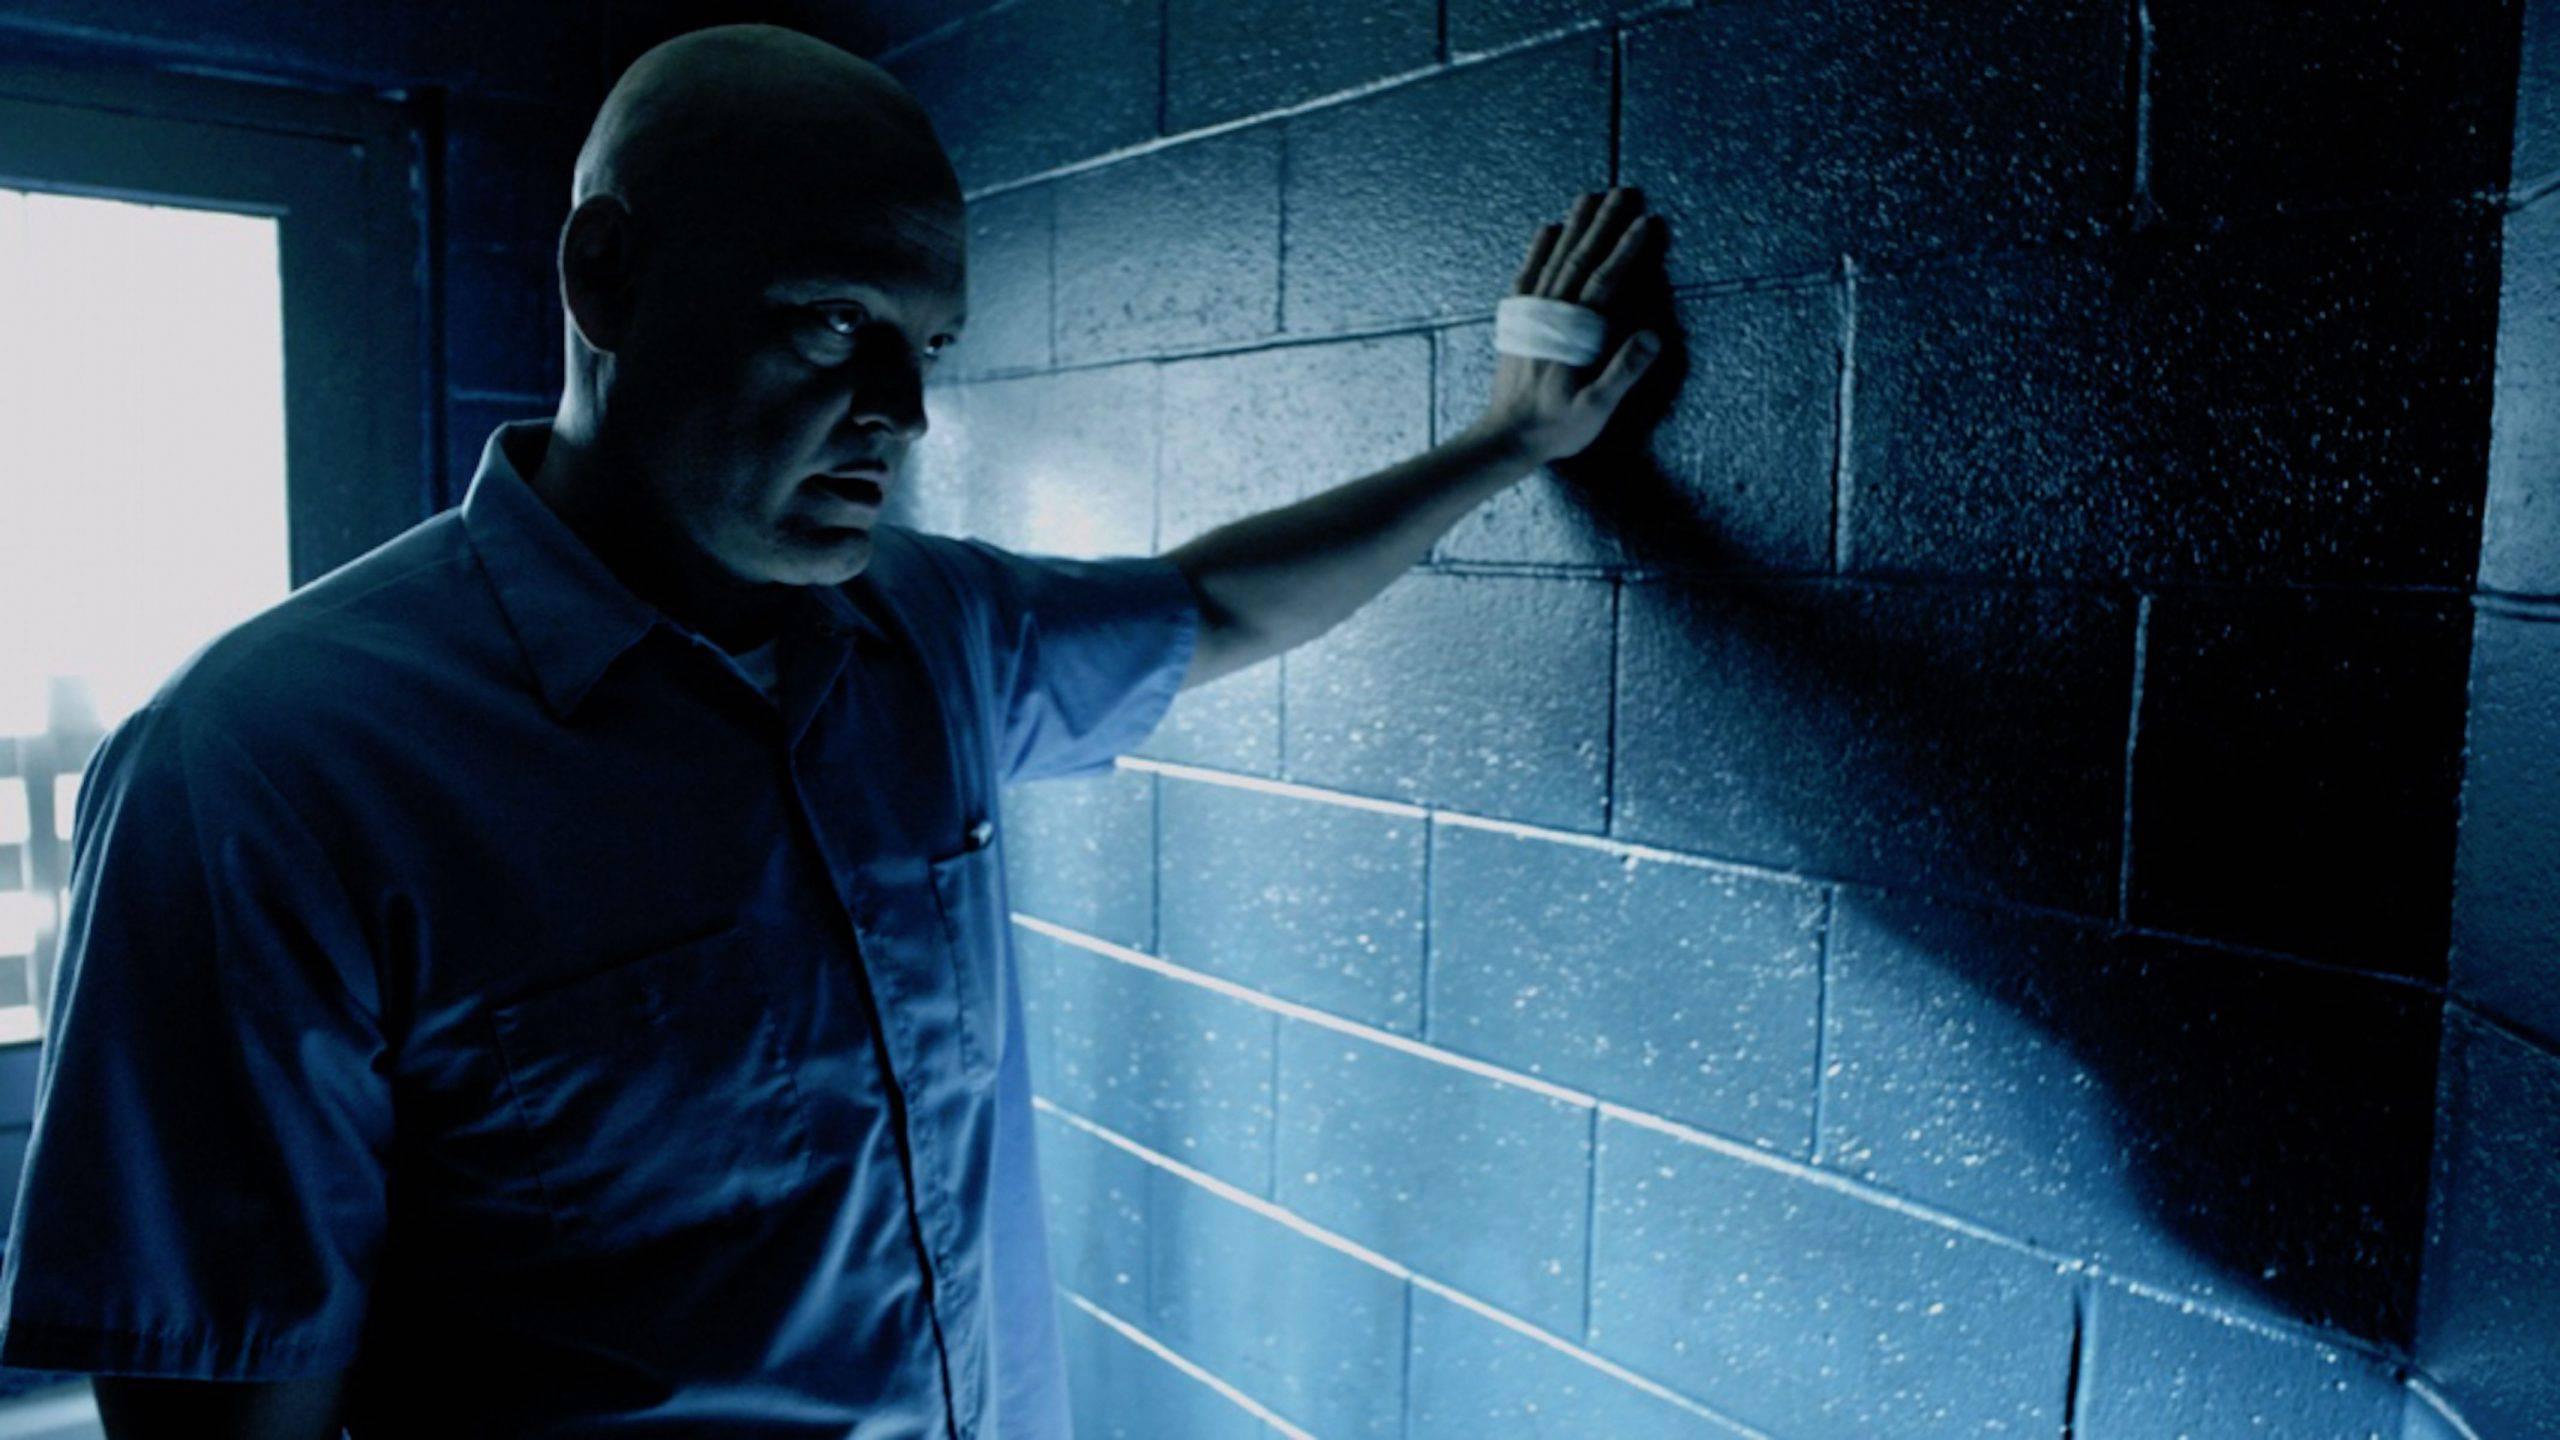 I film da vedere in tempo di quarantena: Cell Block 99 - Nessuno può fermarmi (Brawl in Cell Block 99)